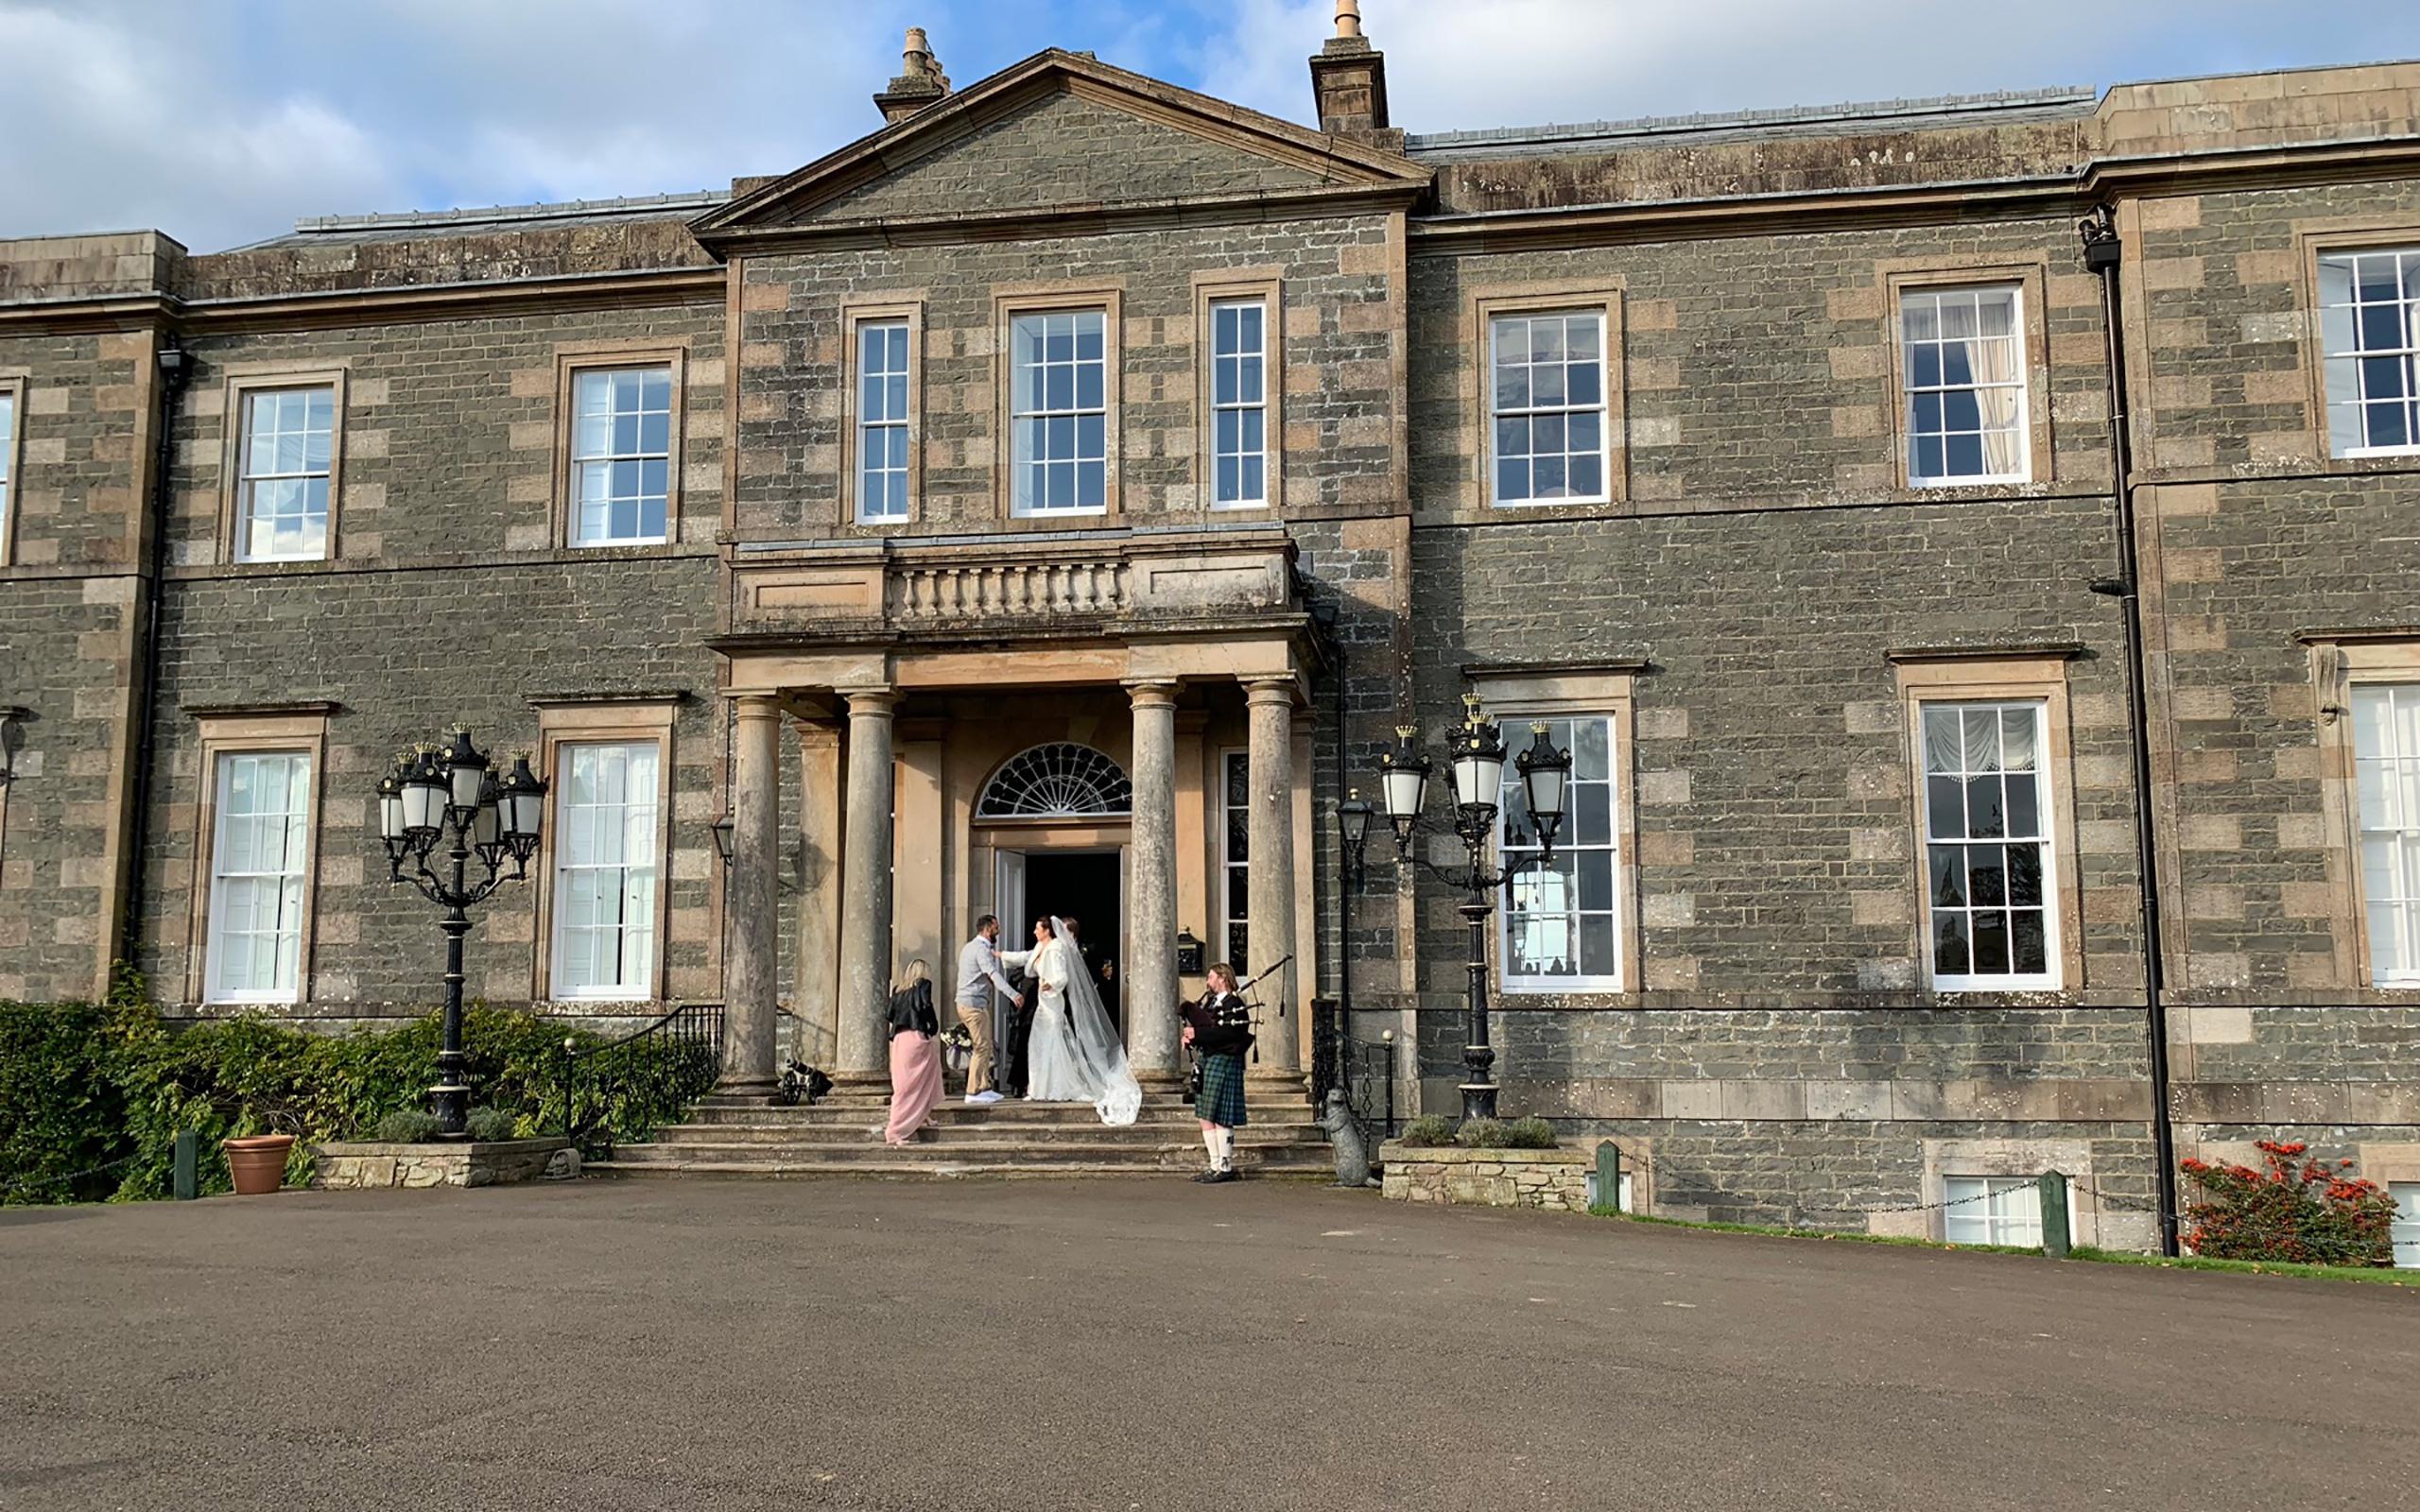 Agrennan Manor House in Castle Douglas.